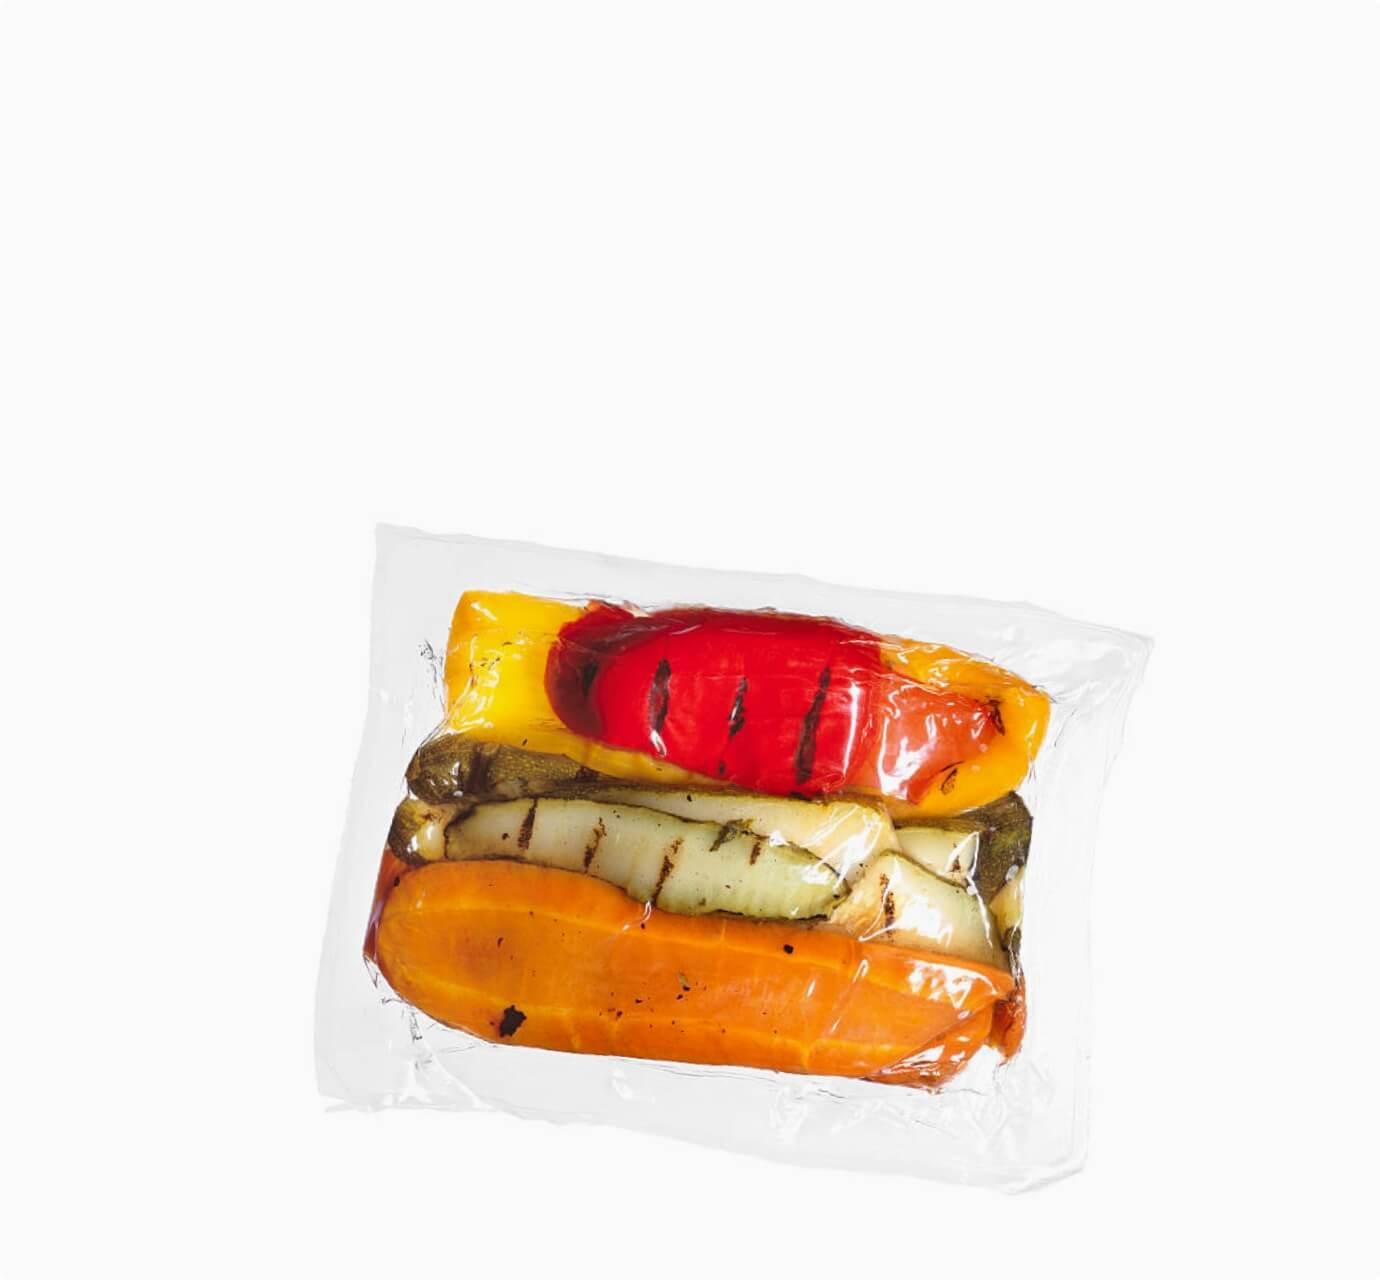 roasted vegetables in vacuum sealed package